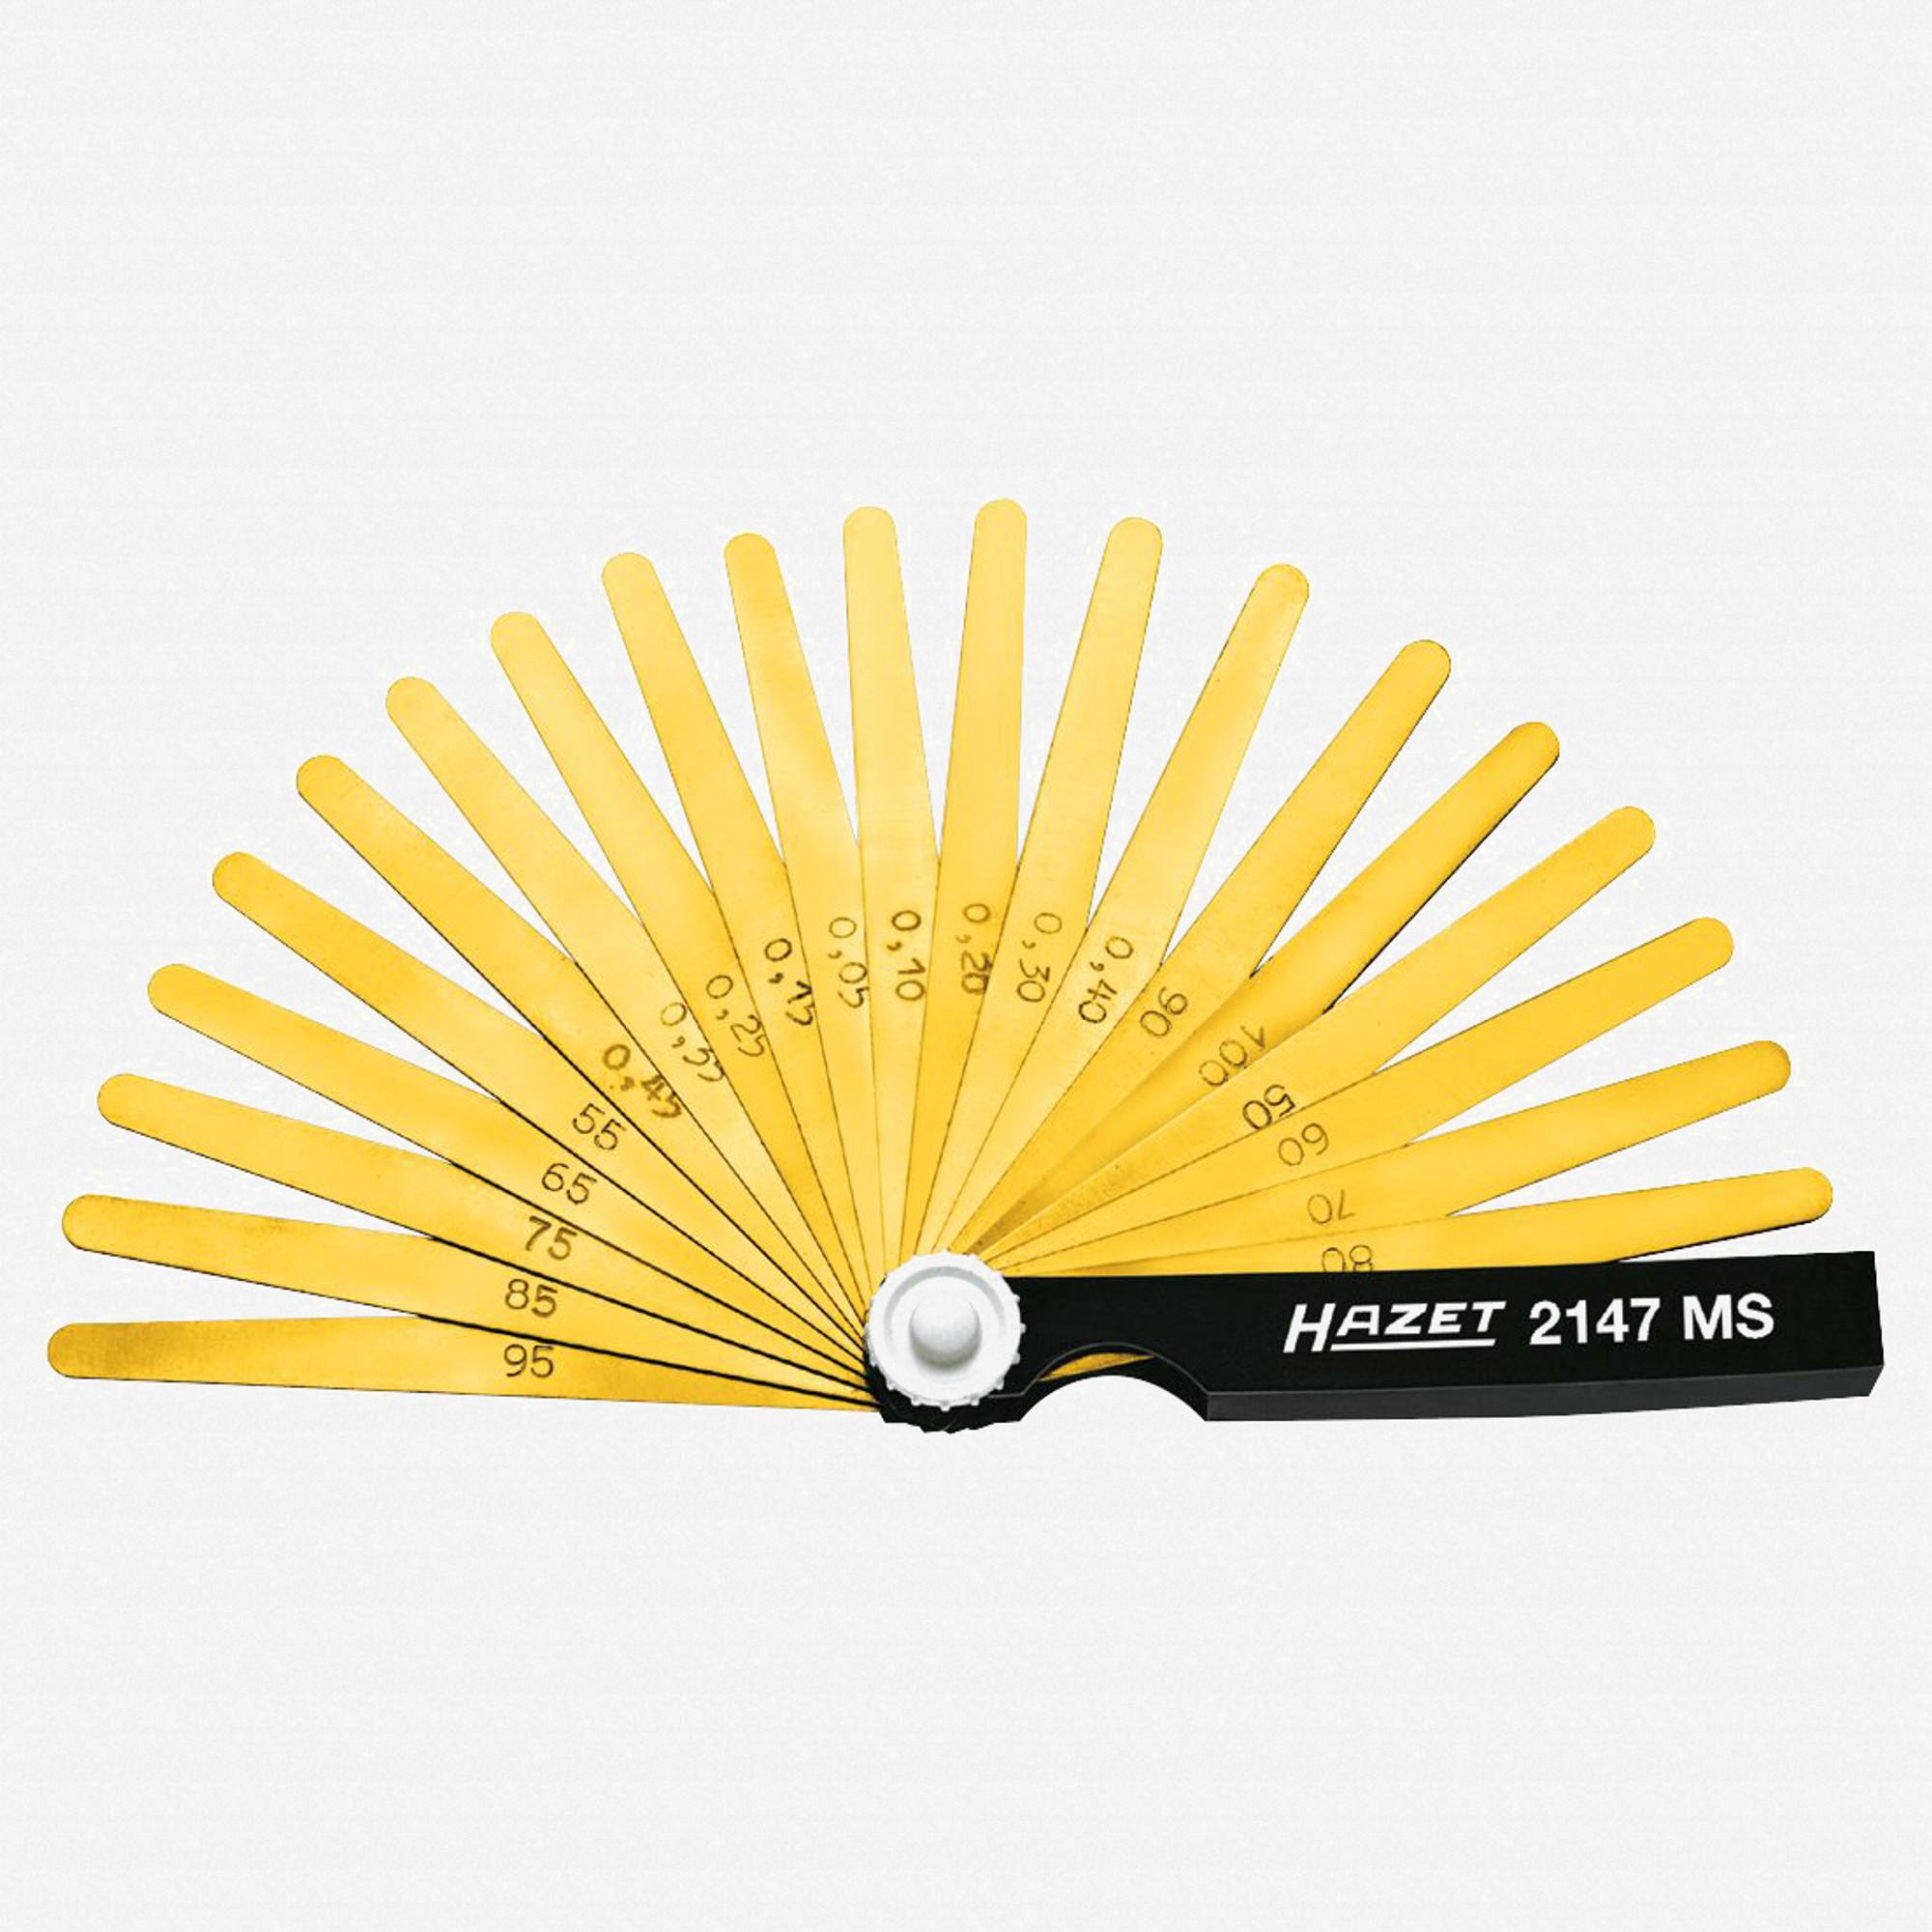 Hazet 2147MS Feeler gauge